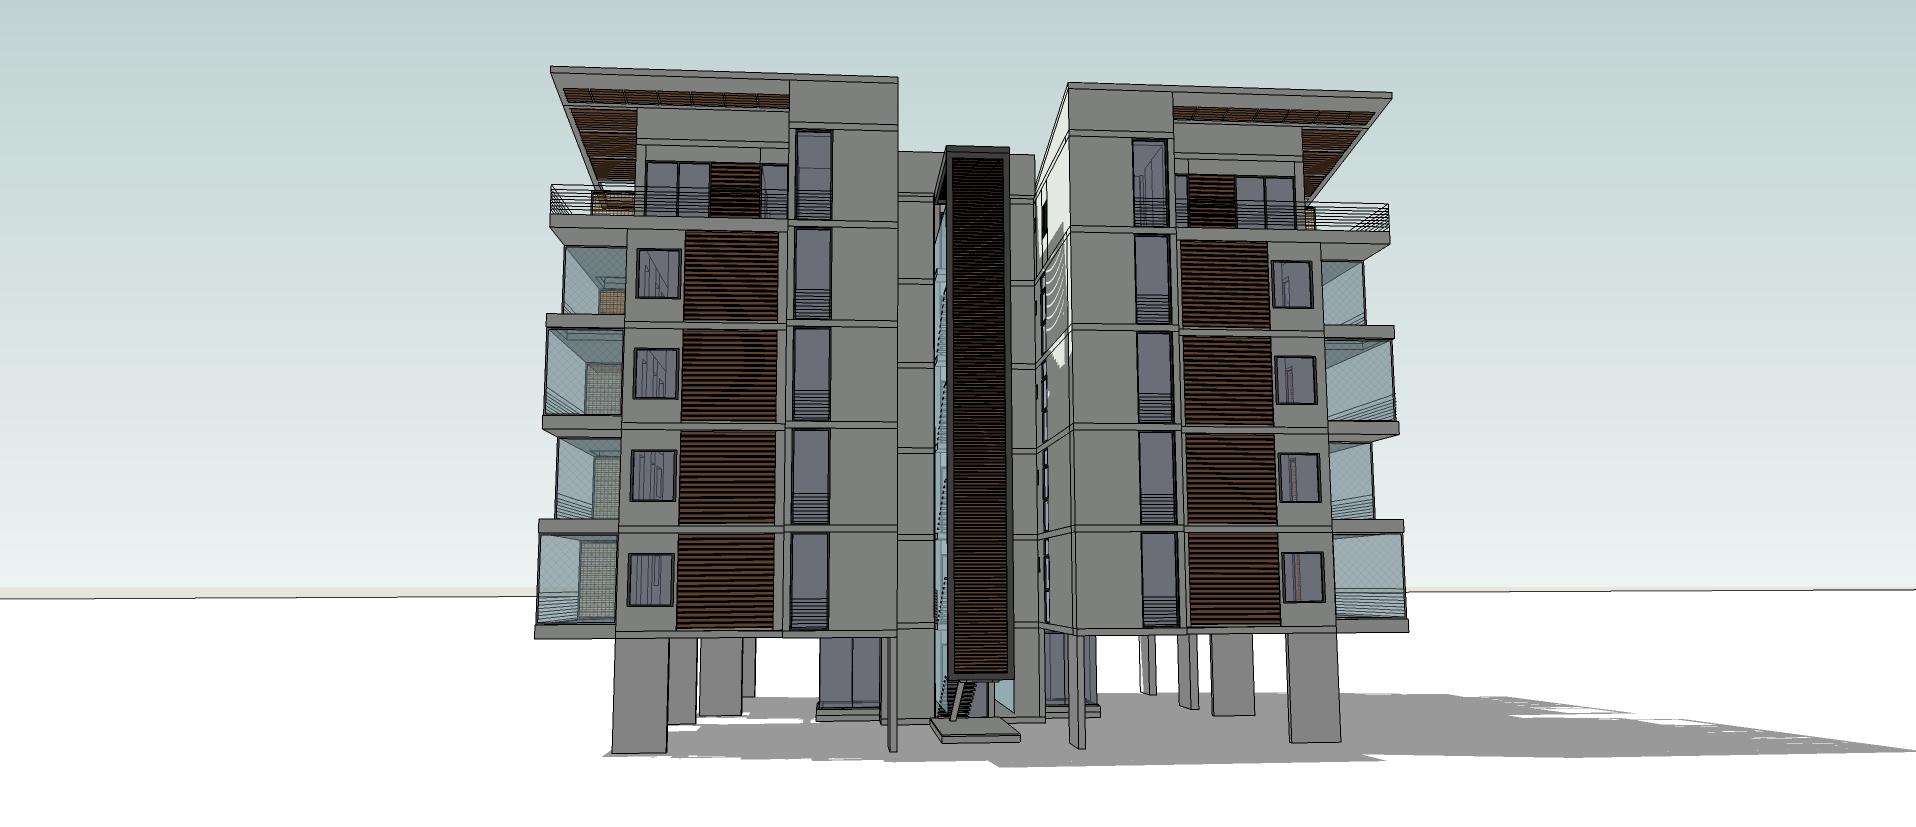 residential8-2x - Scene 4.jpg